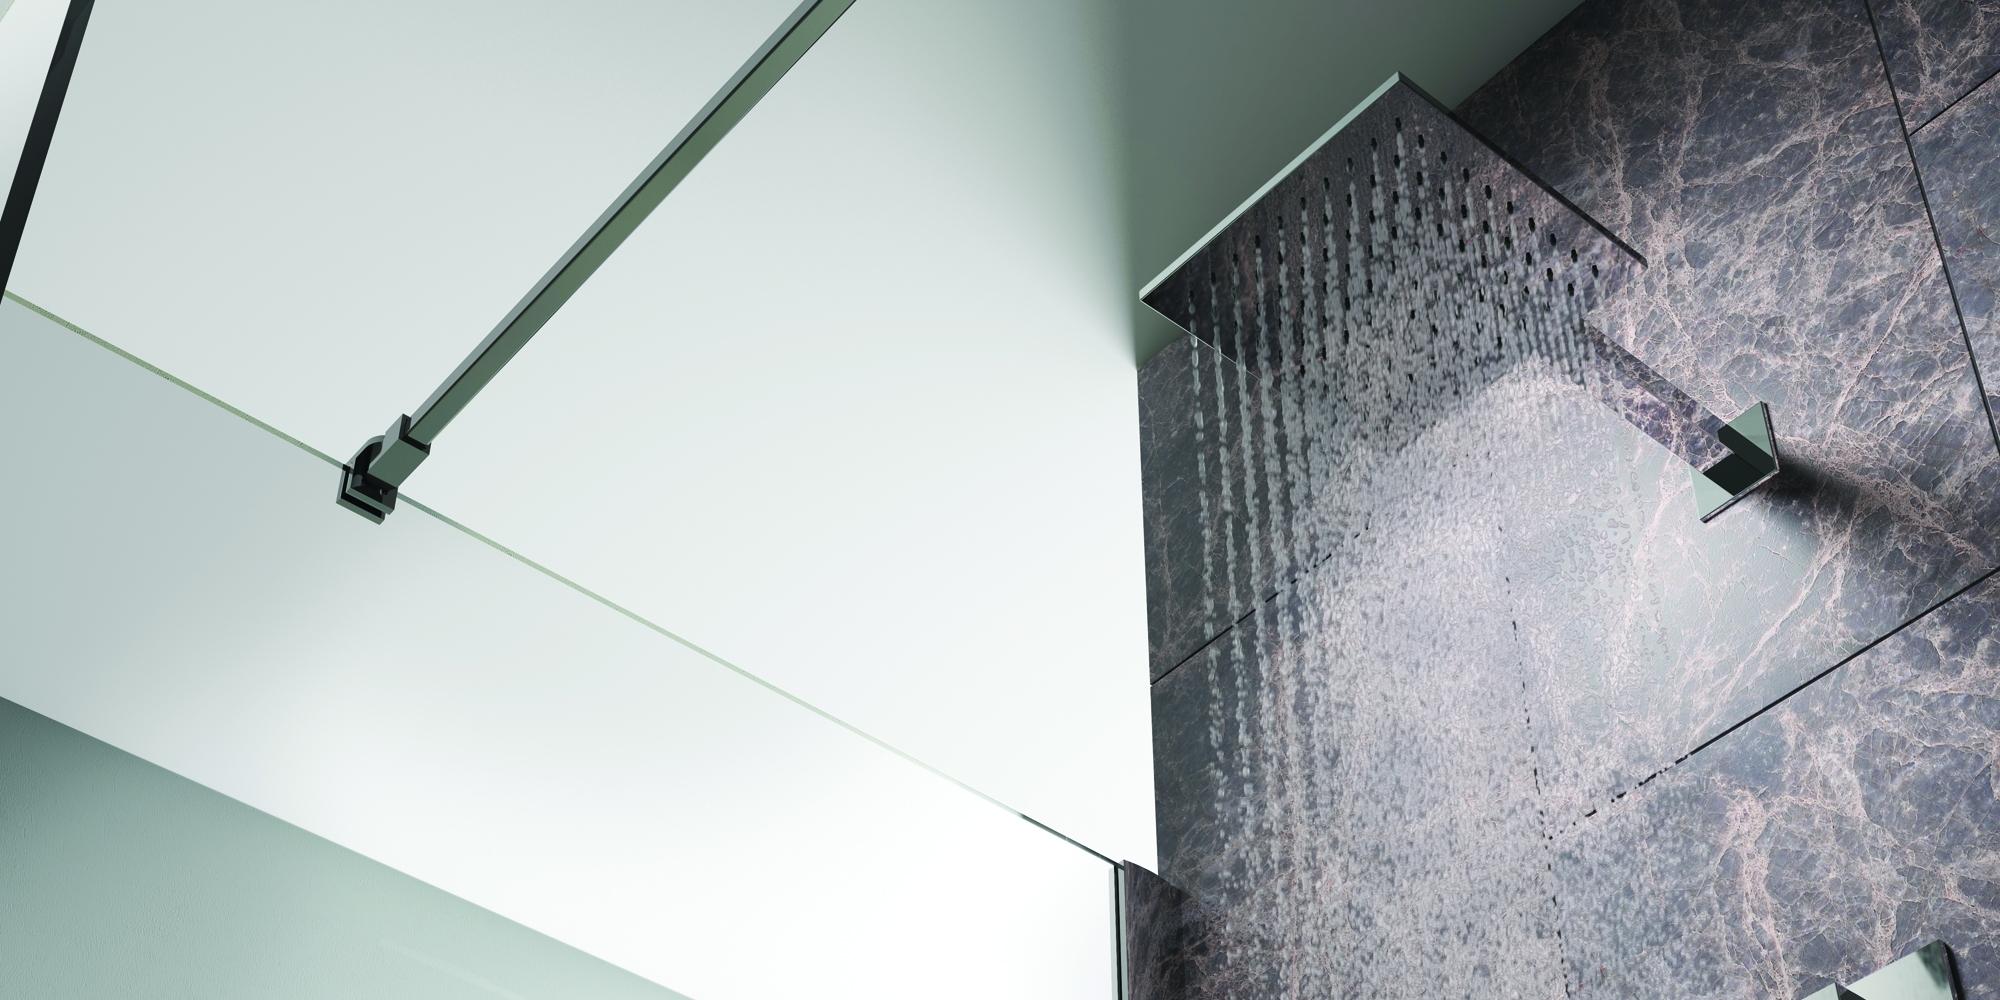 shower heads, shower accessories, shower design